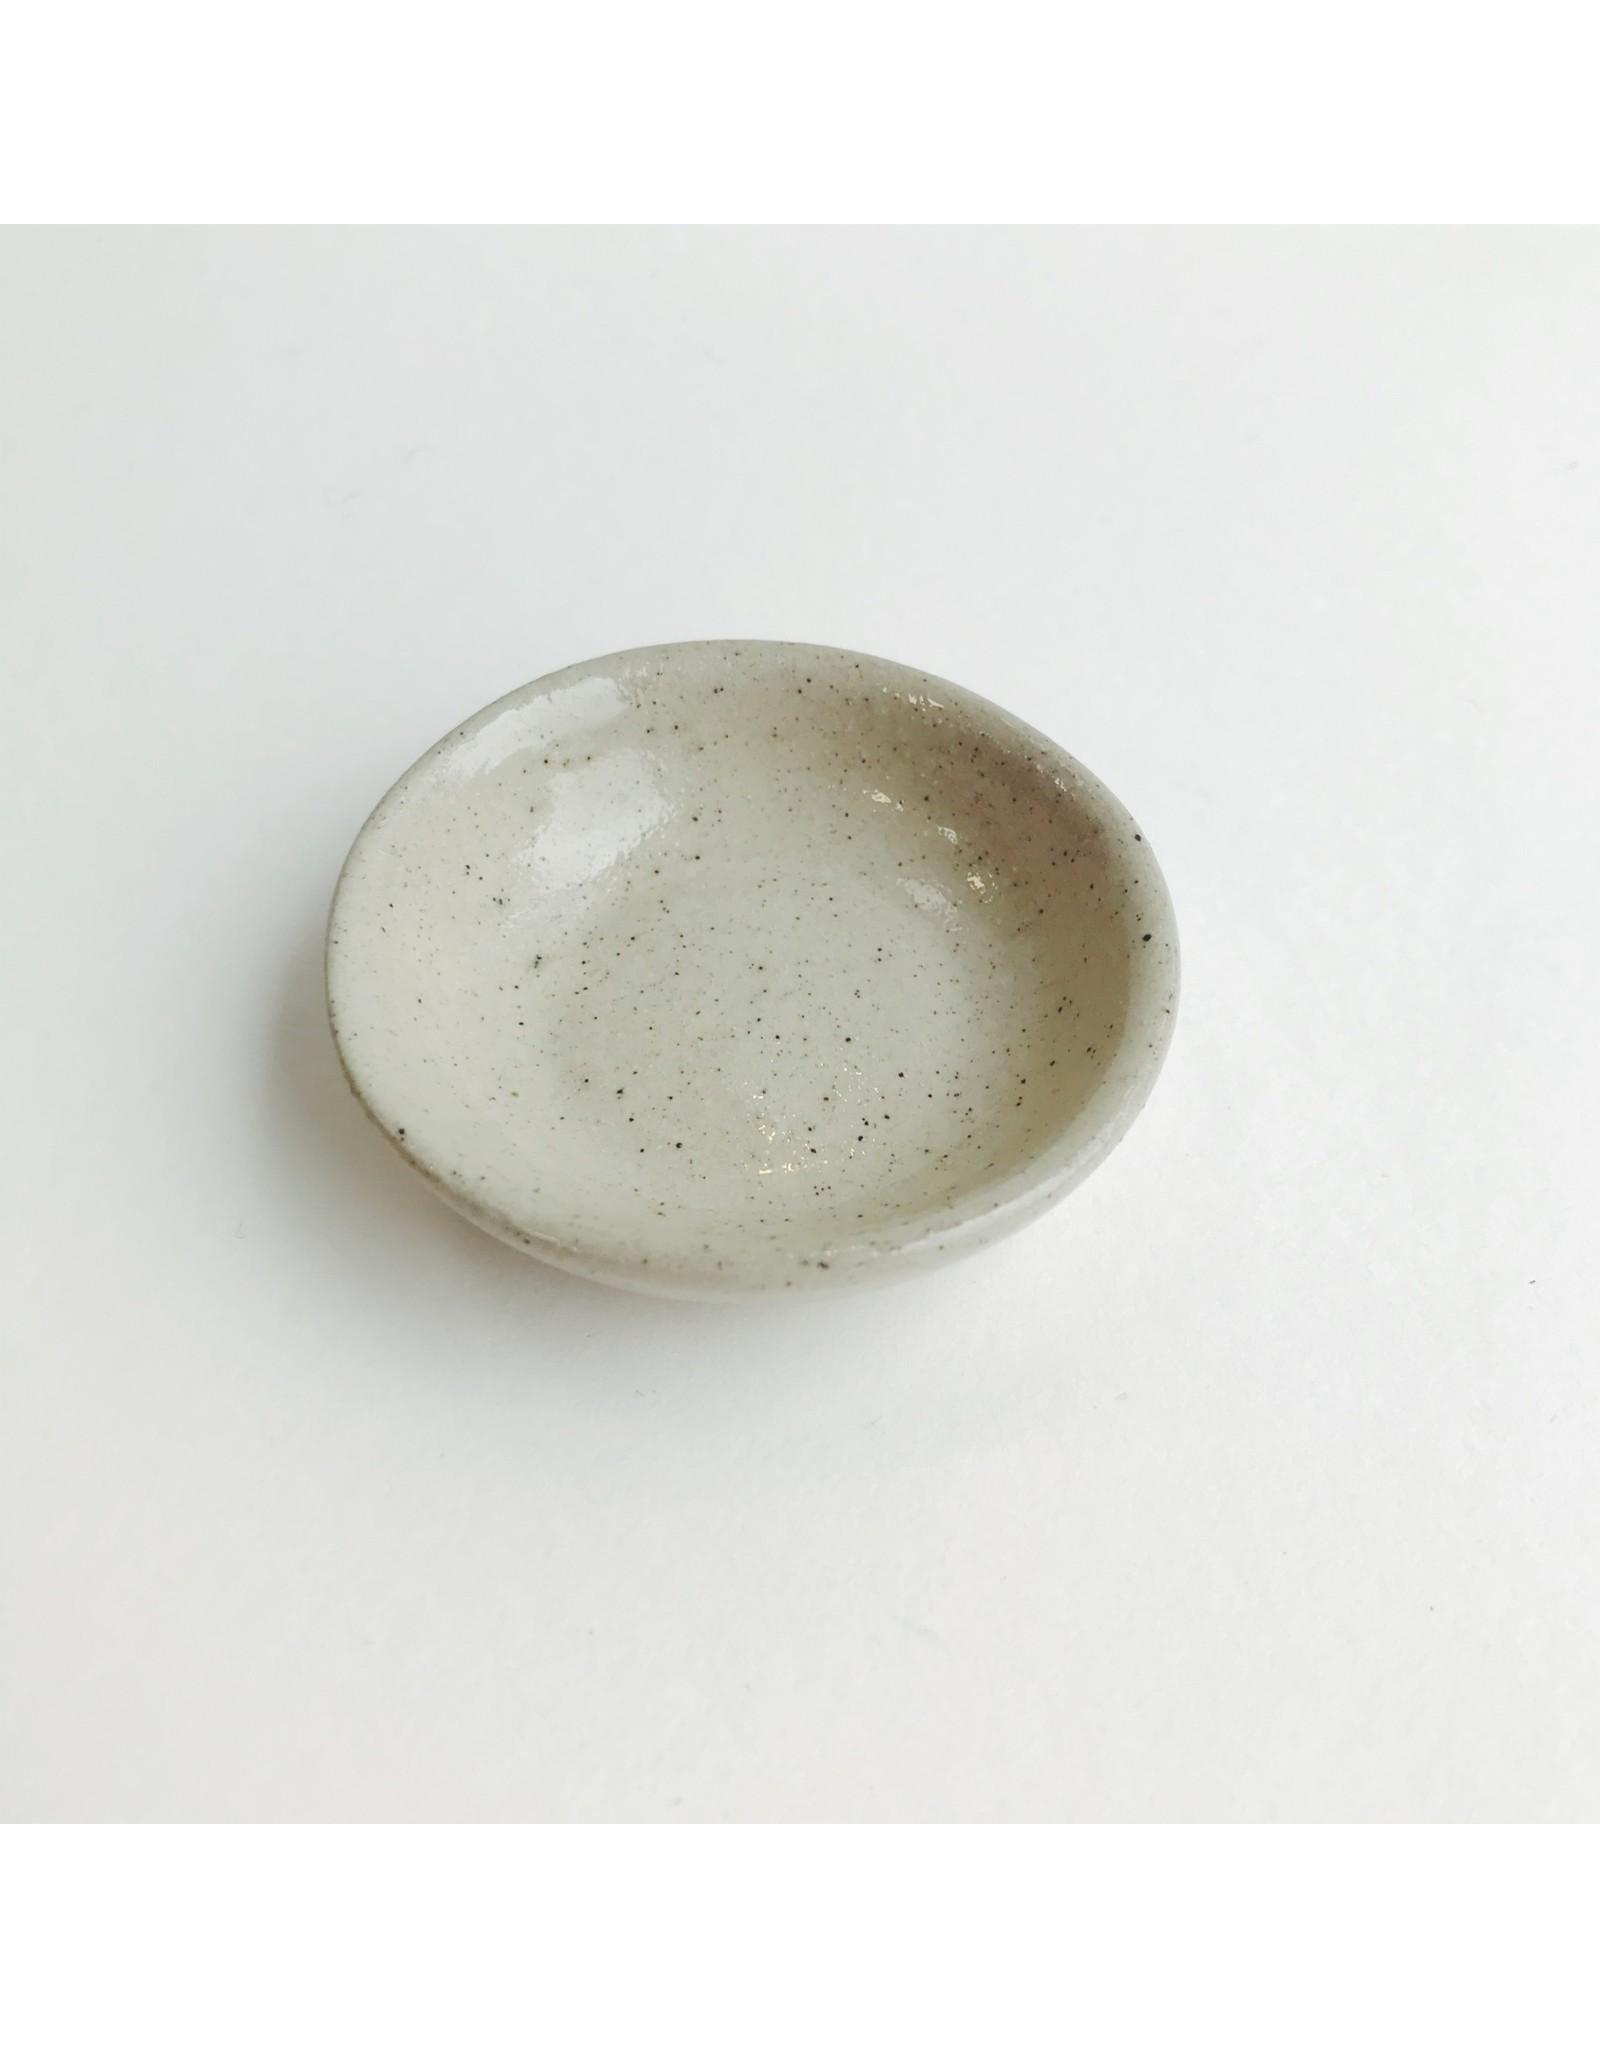 Ceramic Dipping / Seasoning Bowl